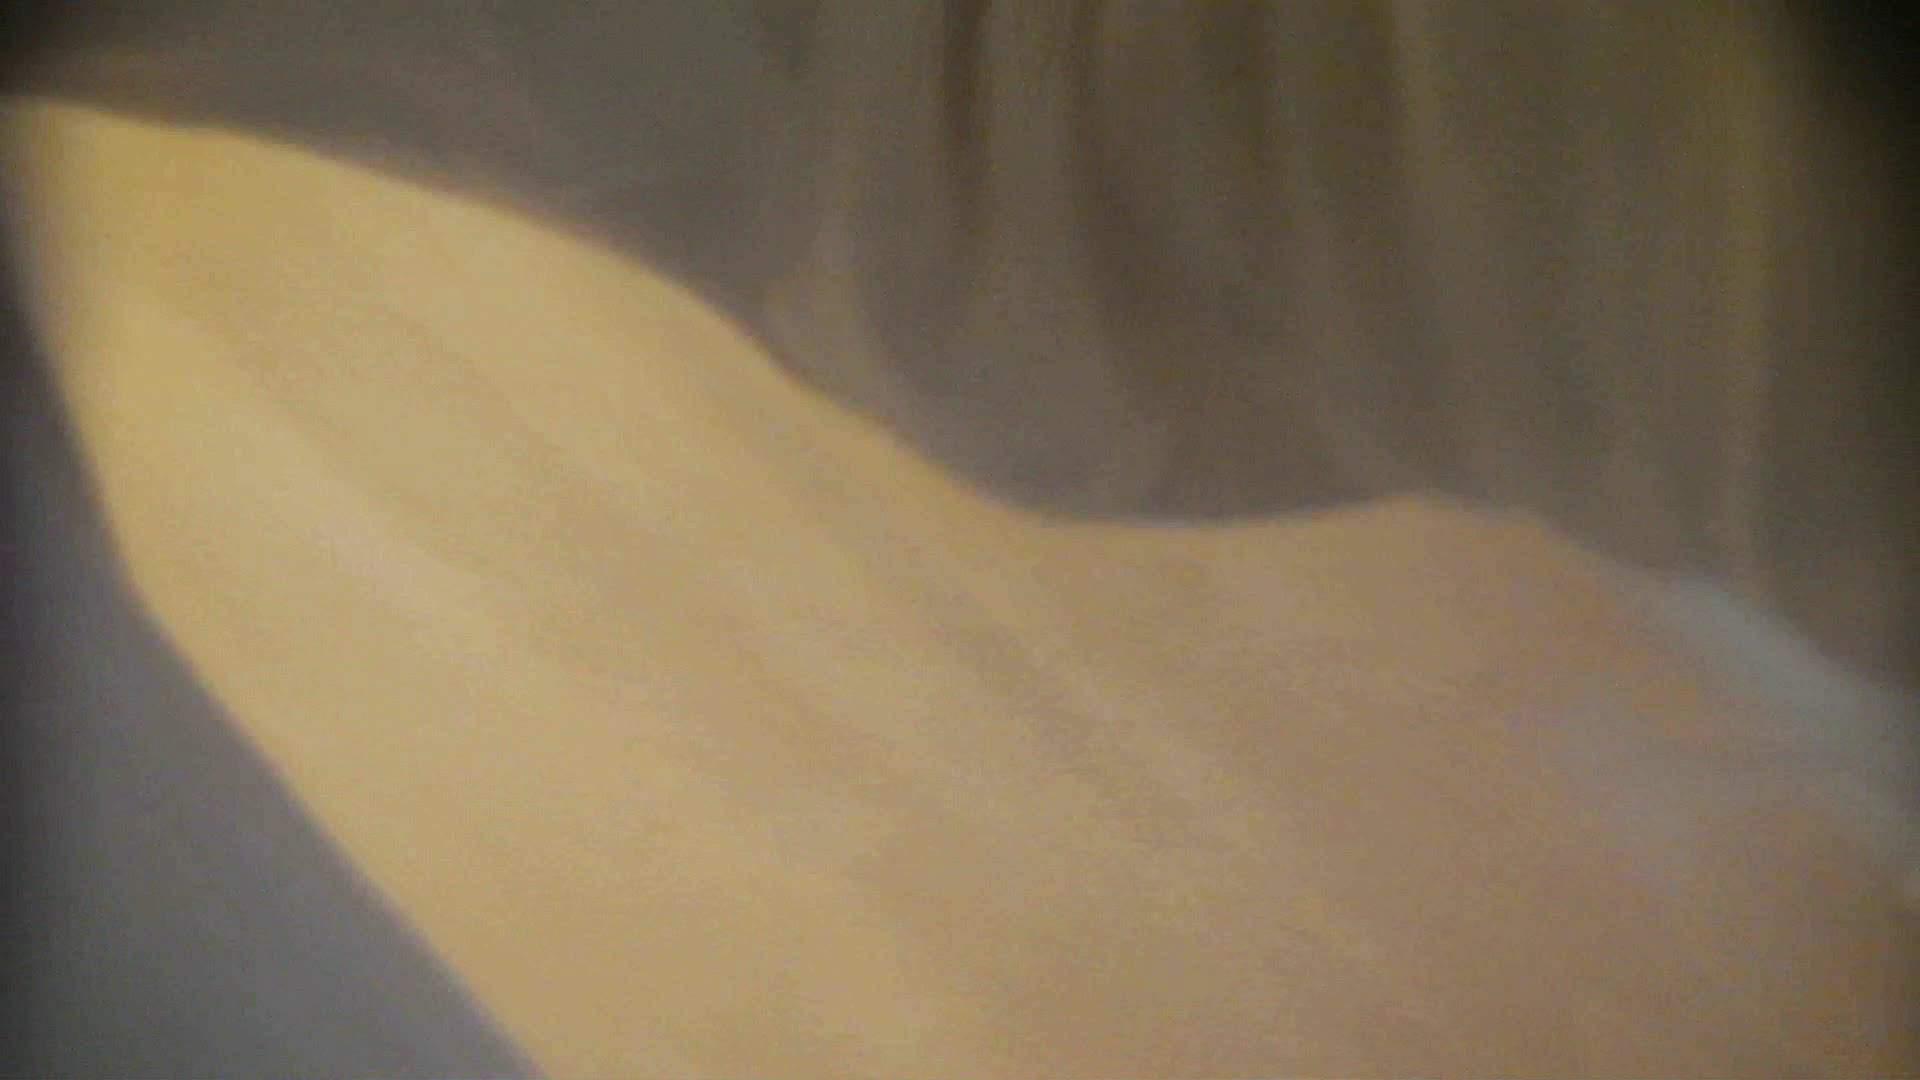 阿国ちゃんの「和式洋式七変化」No.5 盛合せ エロ画像 67画像 32